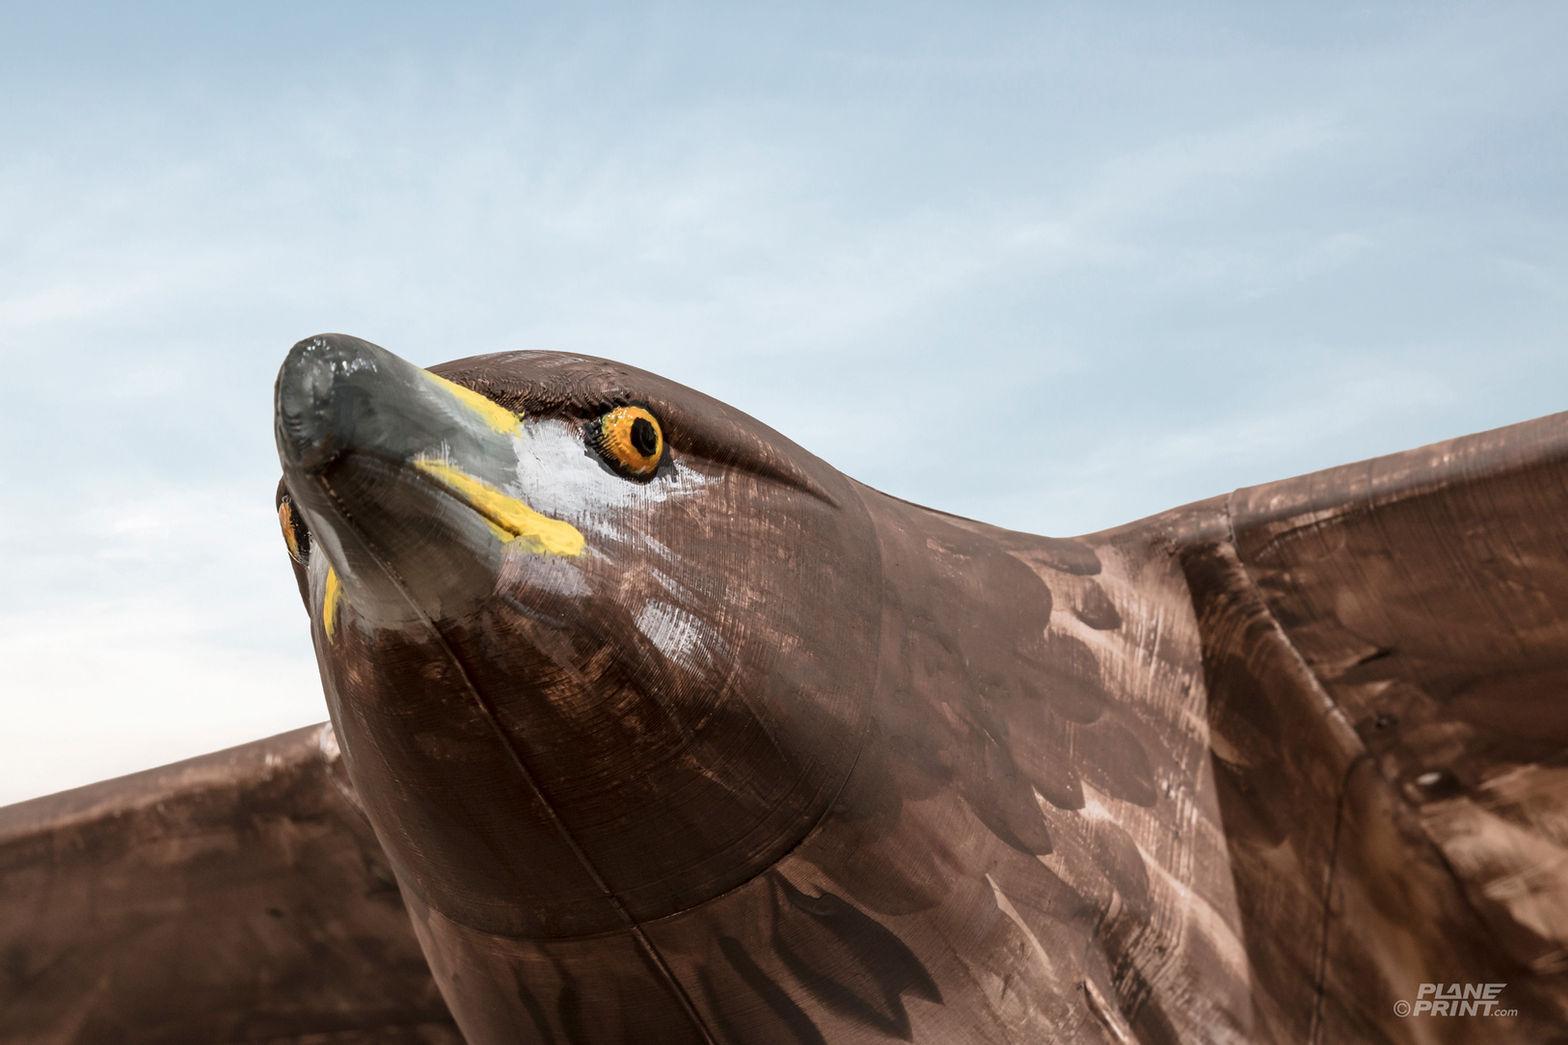 Eagle PLANEPRINT